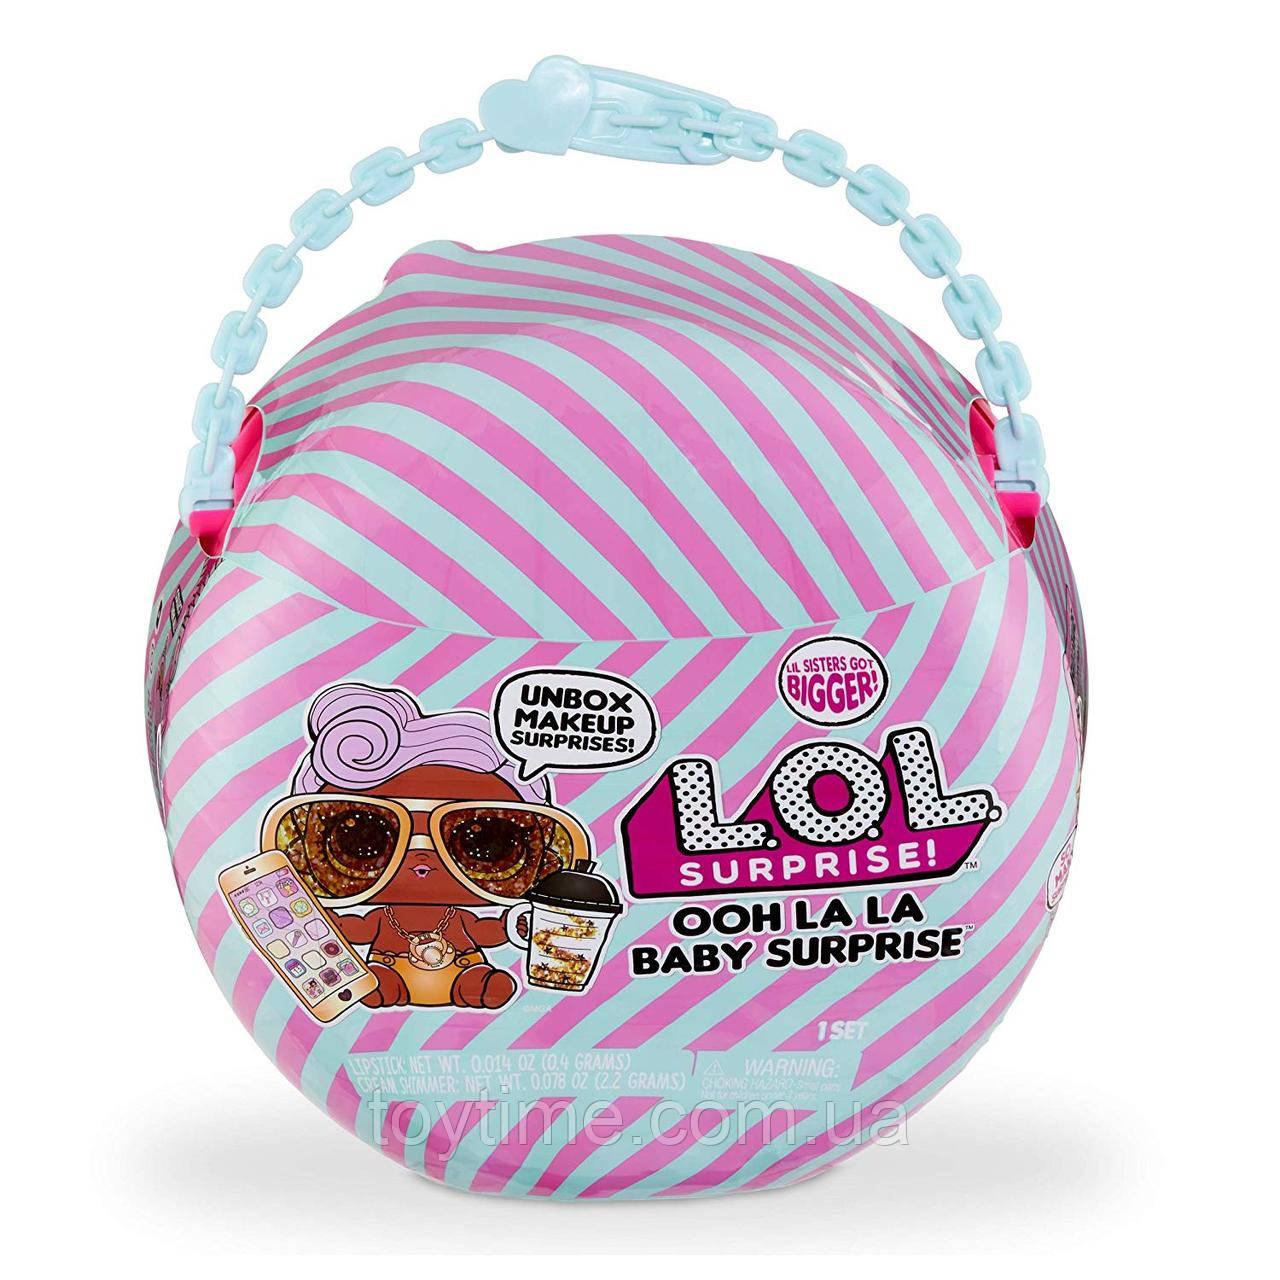 L. O. L. Малятка Про Ла-Ла - Малятко D. J. / L. O. L. Surprise! Ooh La La Baby Surprise - Lil D. J.